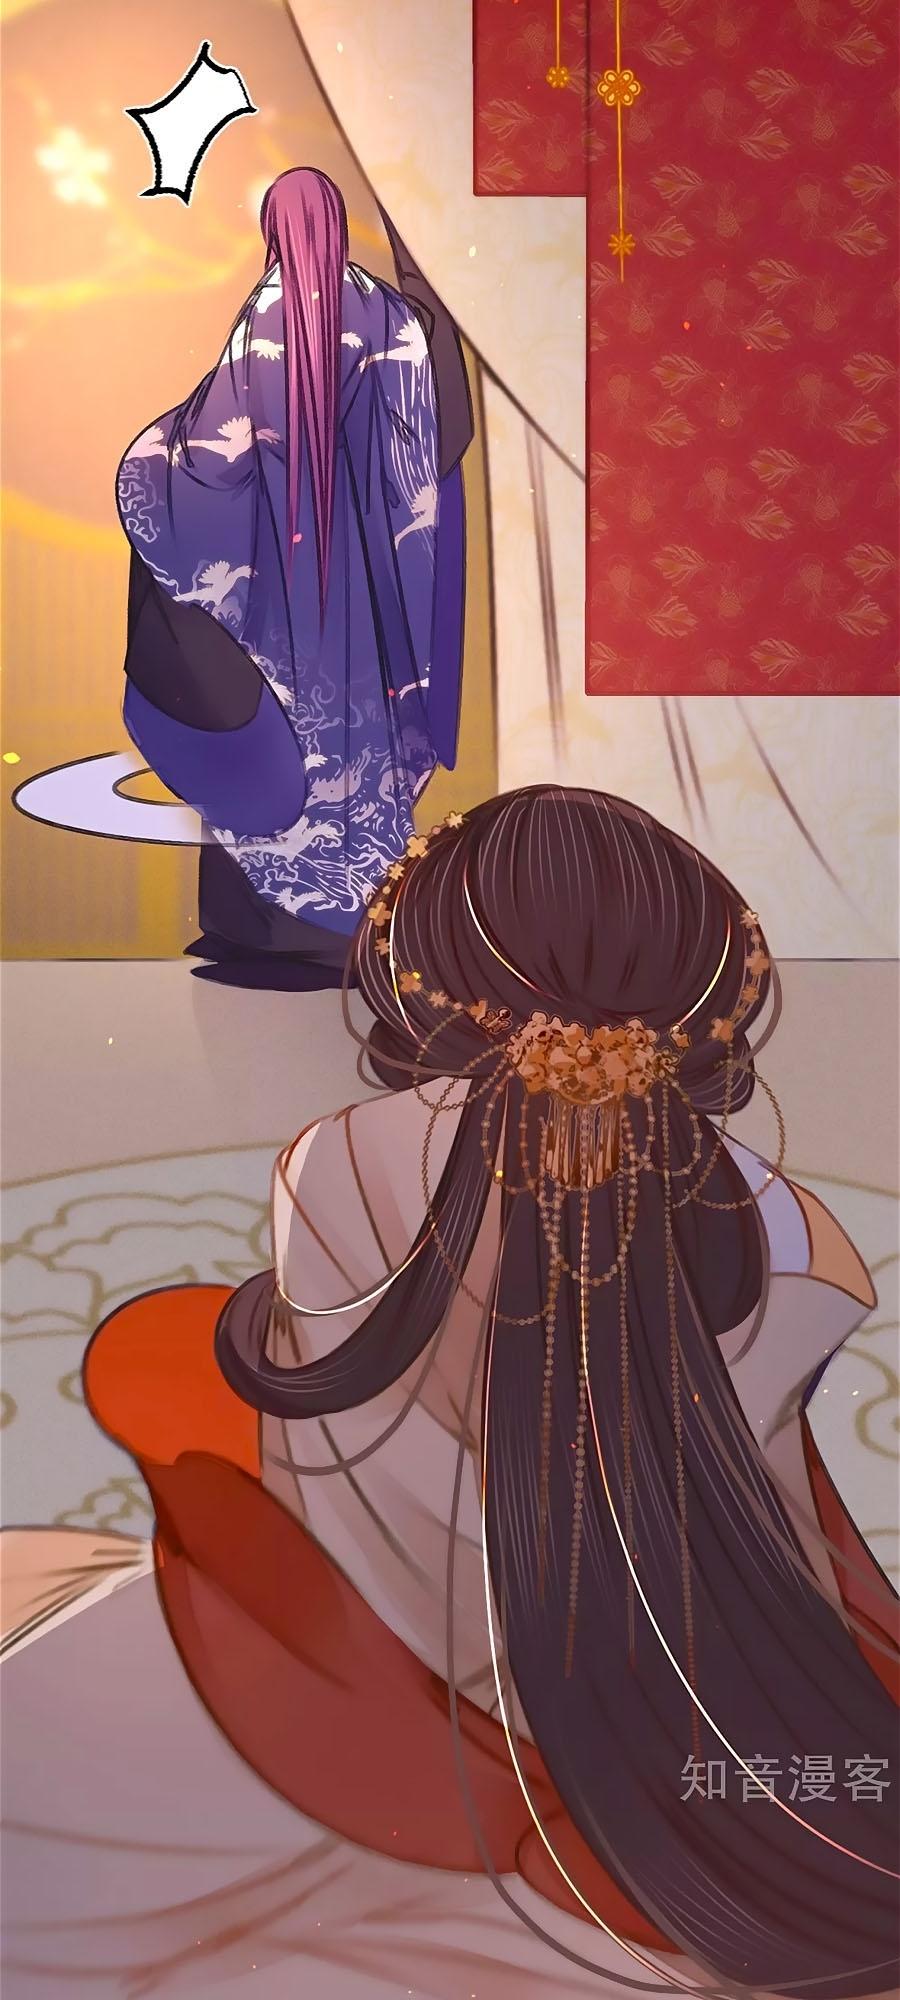 Phượng Hoàn Triều: Vương Gia Yêu Nghiệt Xin Tránh Đường chap 36 - Trang 31